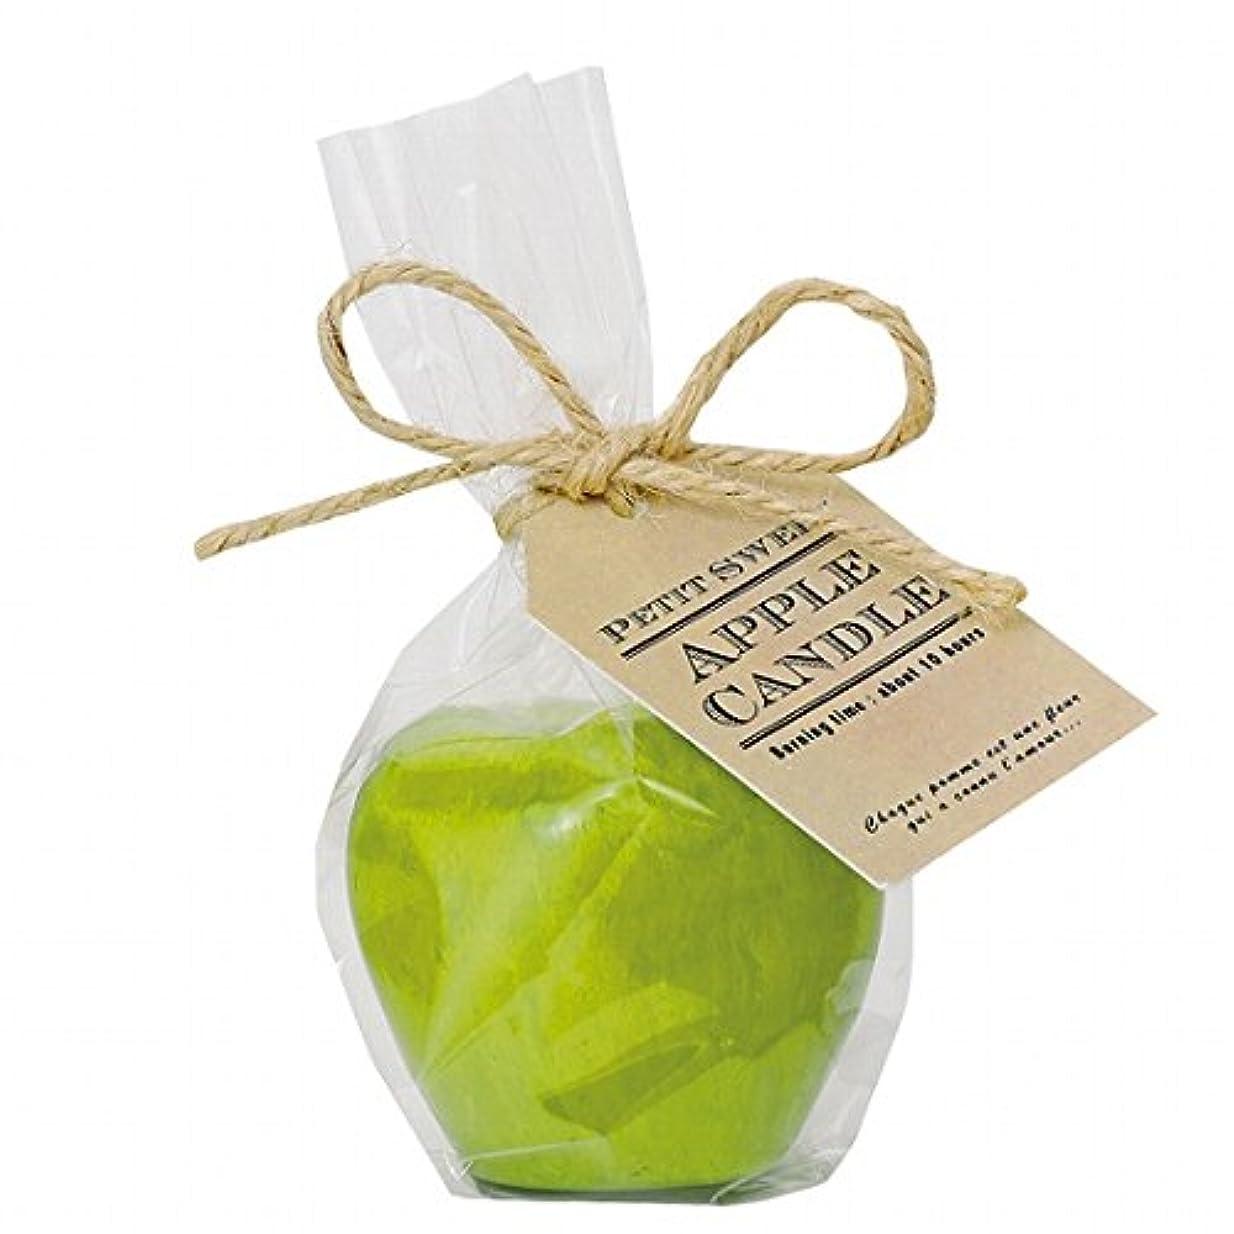 バッチうがい薬高くカメヤマキャンドル(kameyama candle) プチスイートアップルキャンドル 「 グリーン 」